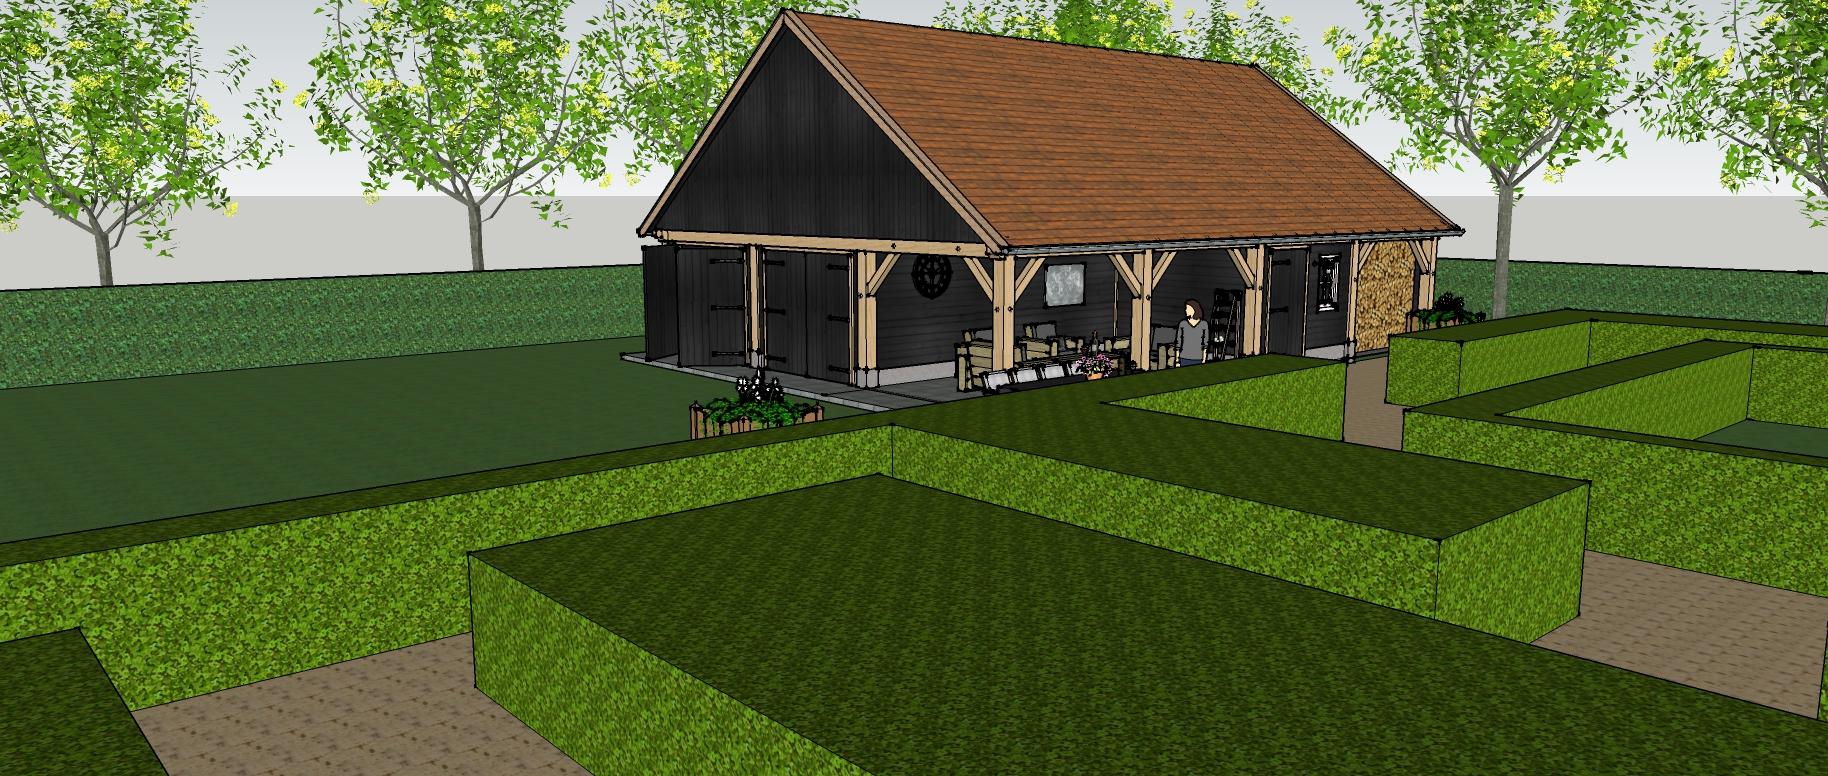 Ontwerp_klassiek_eiken_houten_schuur - Ontwerp: Eikenhouten kapschuur met garage, overkapping en berging.